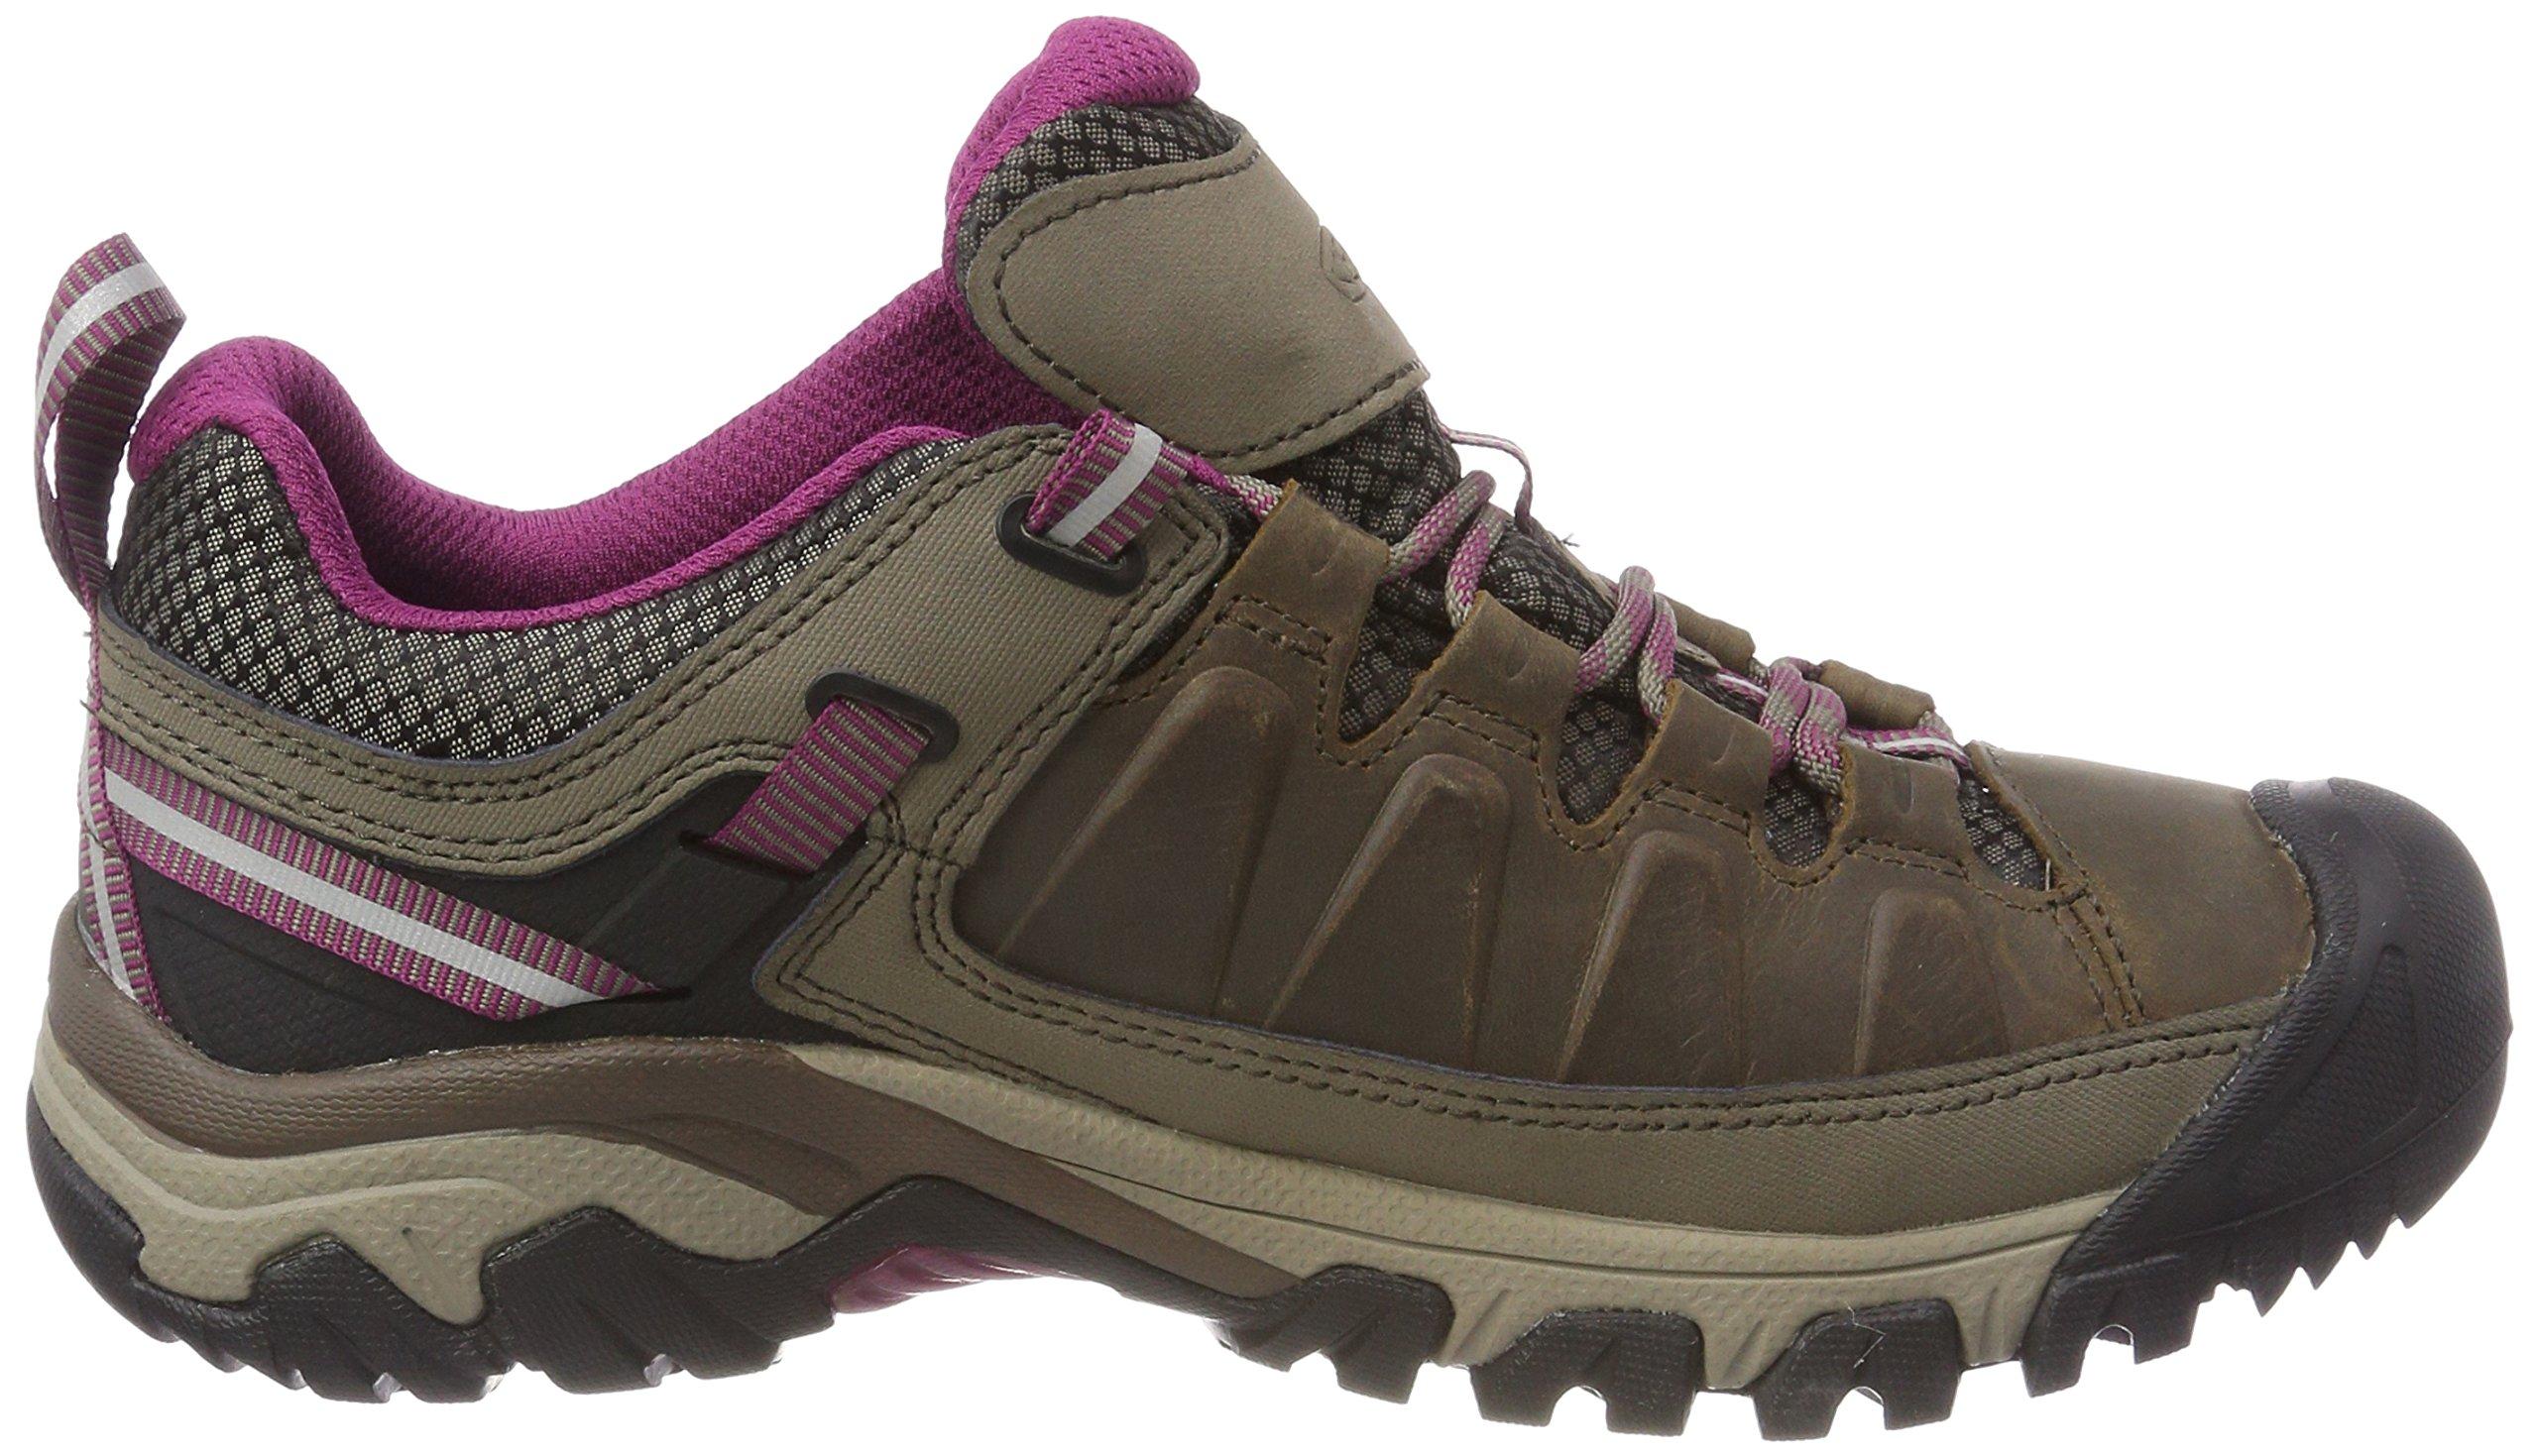 KEEN Women's Targhee Iii Wp Low Rise Hiking Shoes 6